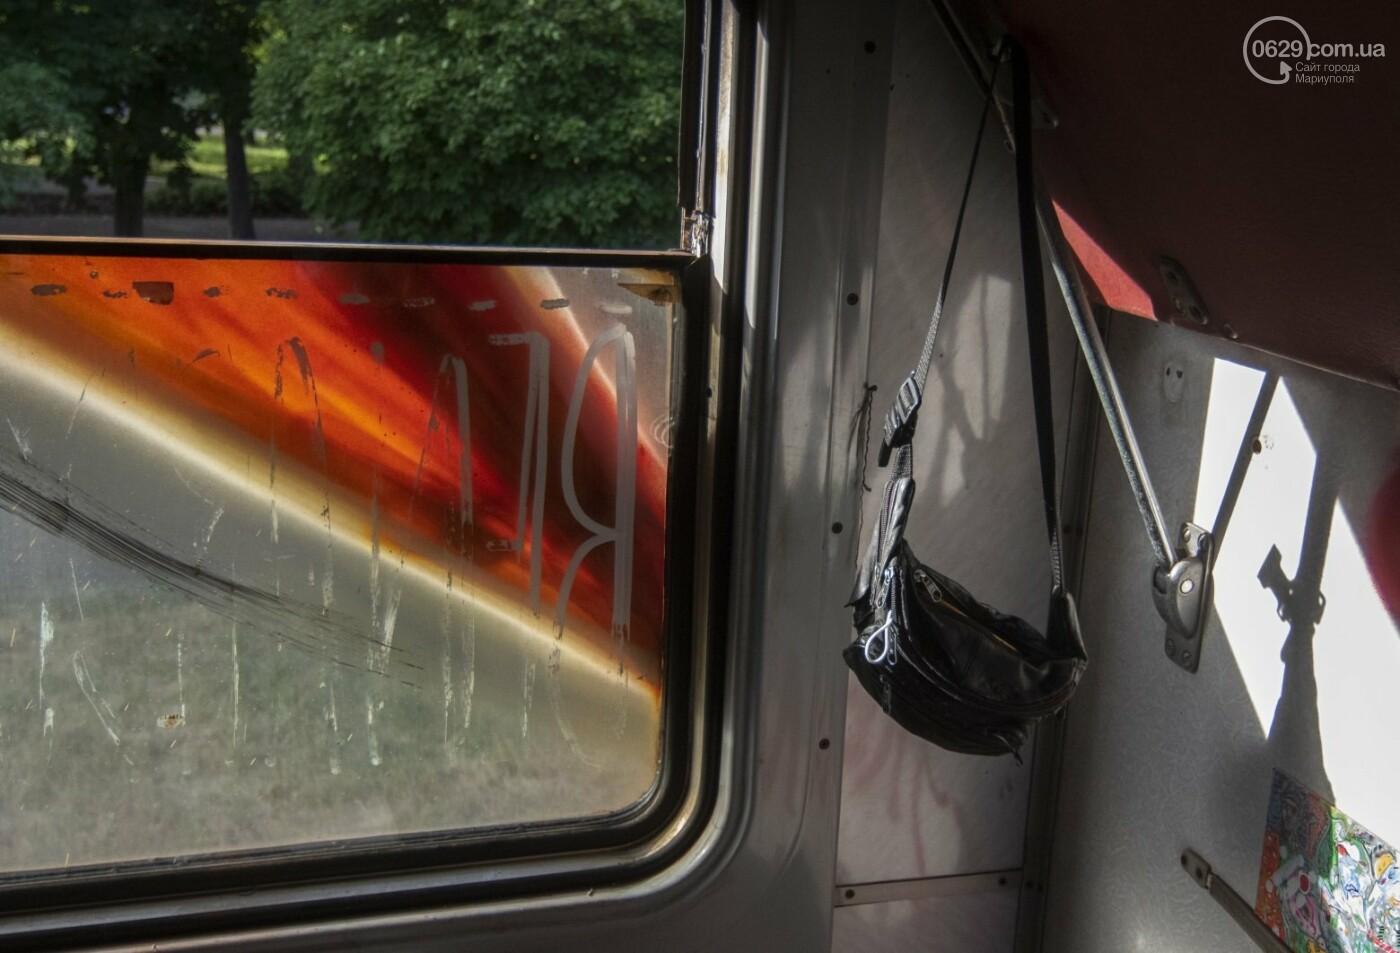 Во что превратили художники старый железнодорожный состав в Мариуполе. 33 фотографии! , фото-26